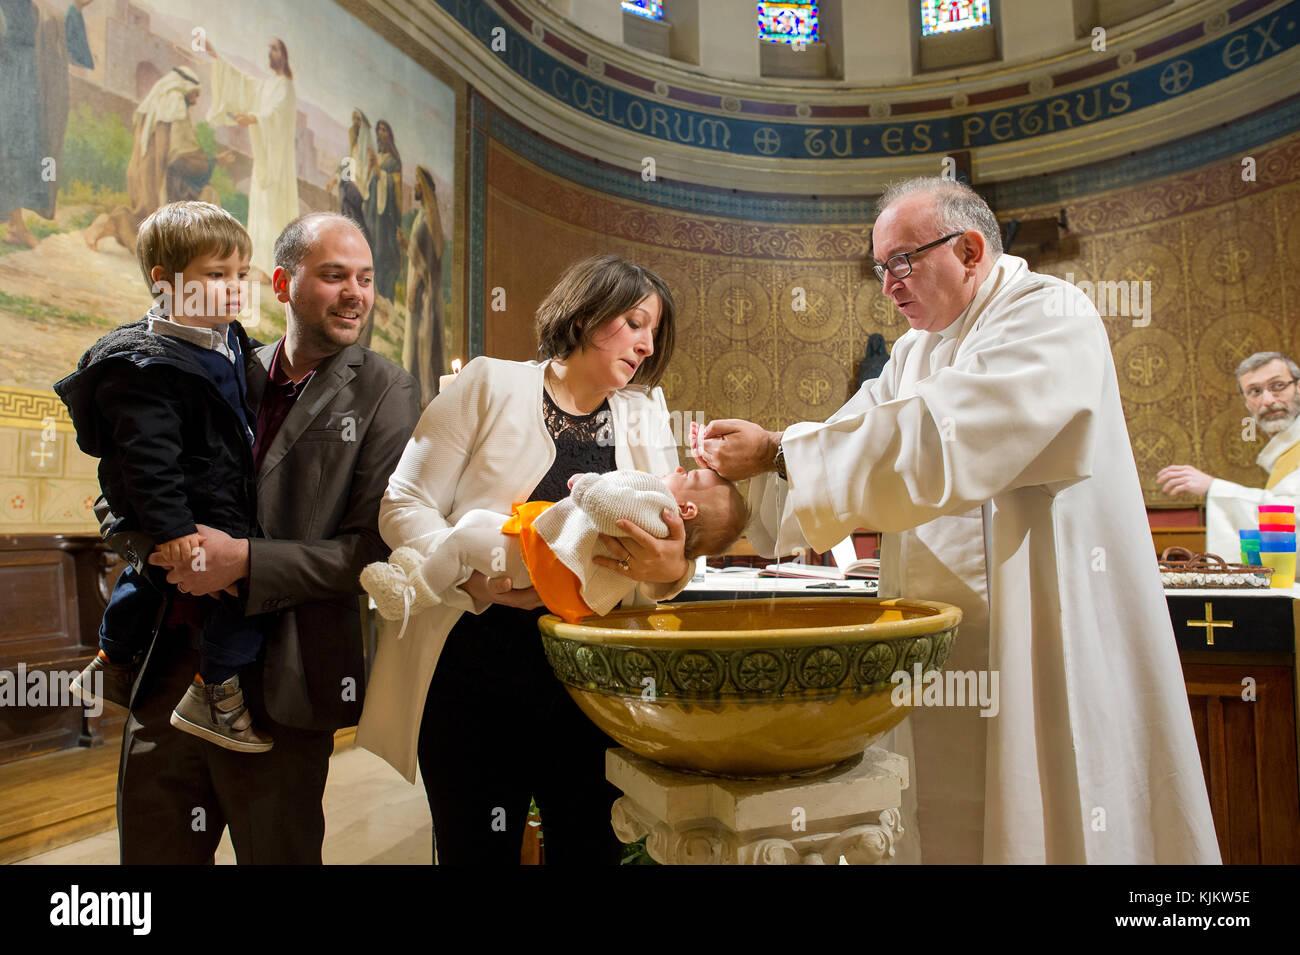 Catholic baptism. France Stock Photo: 166393962 - Alamy